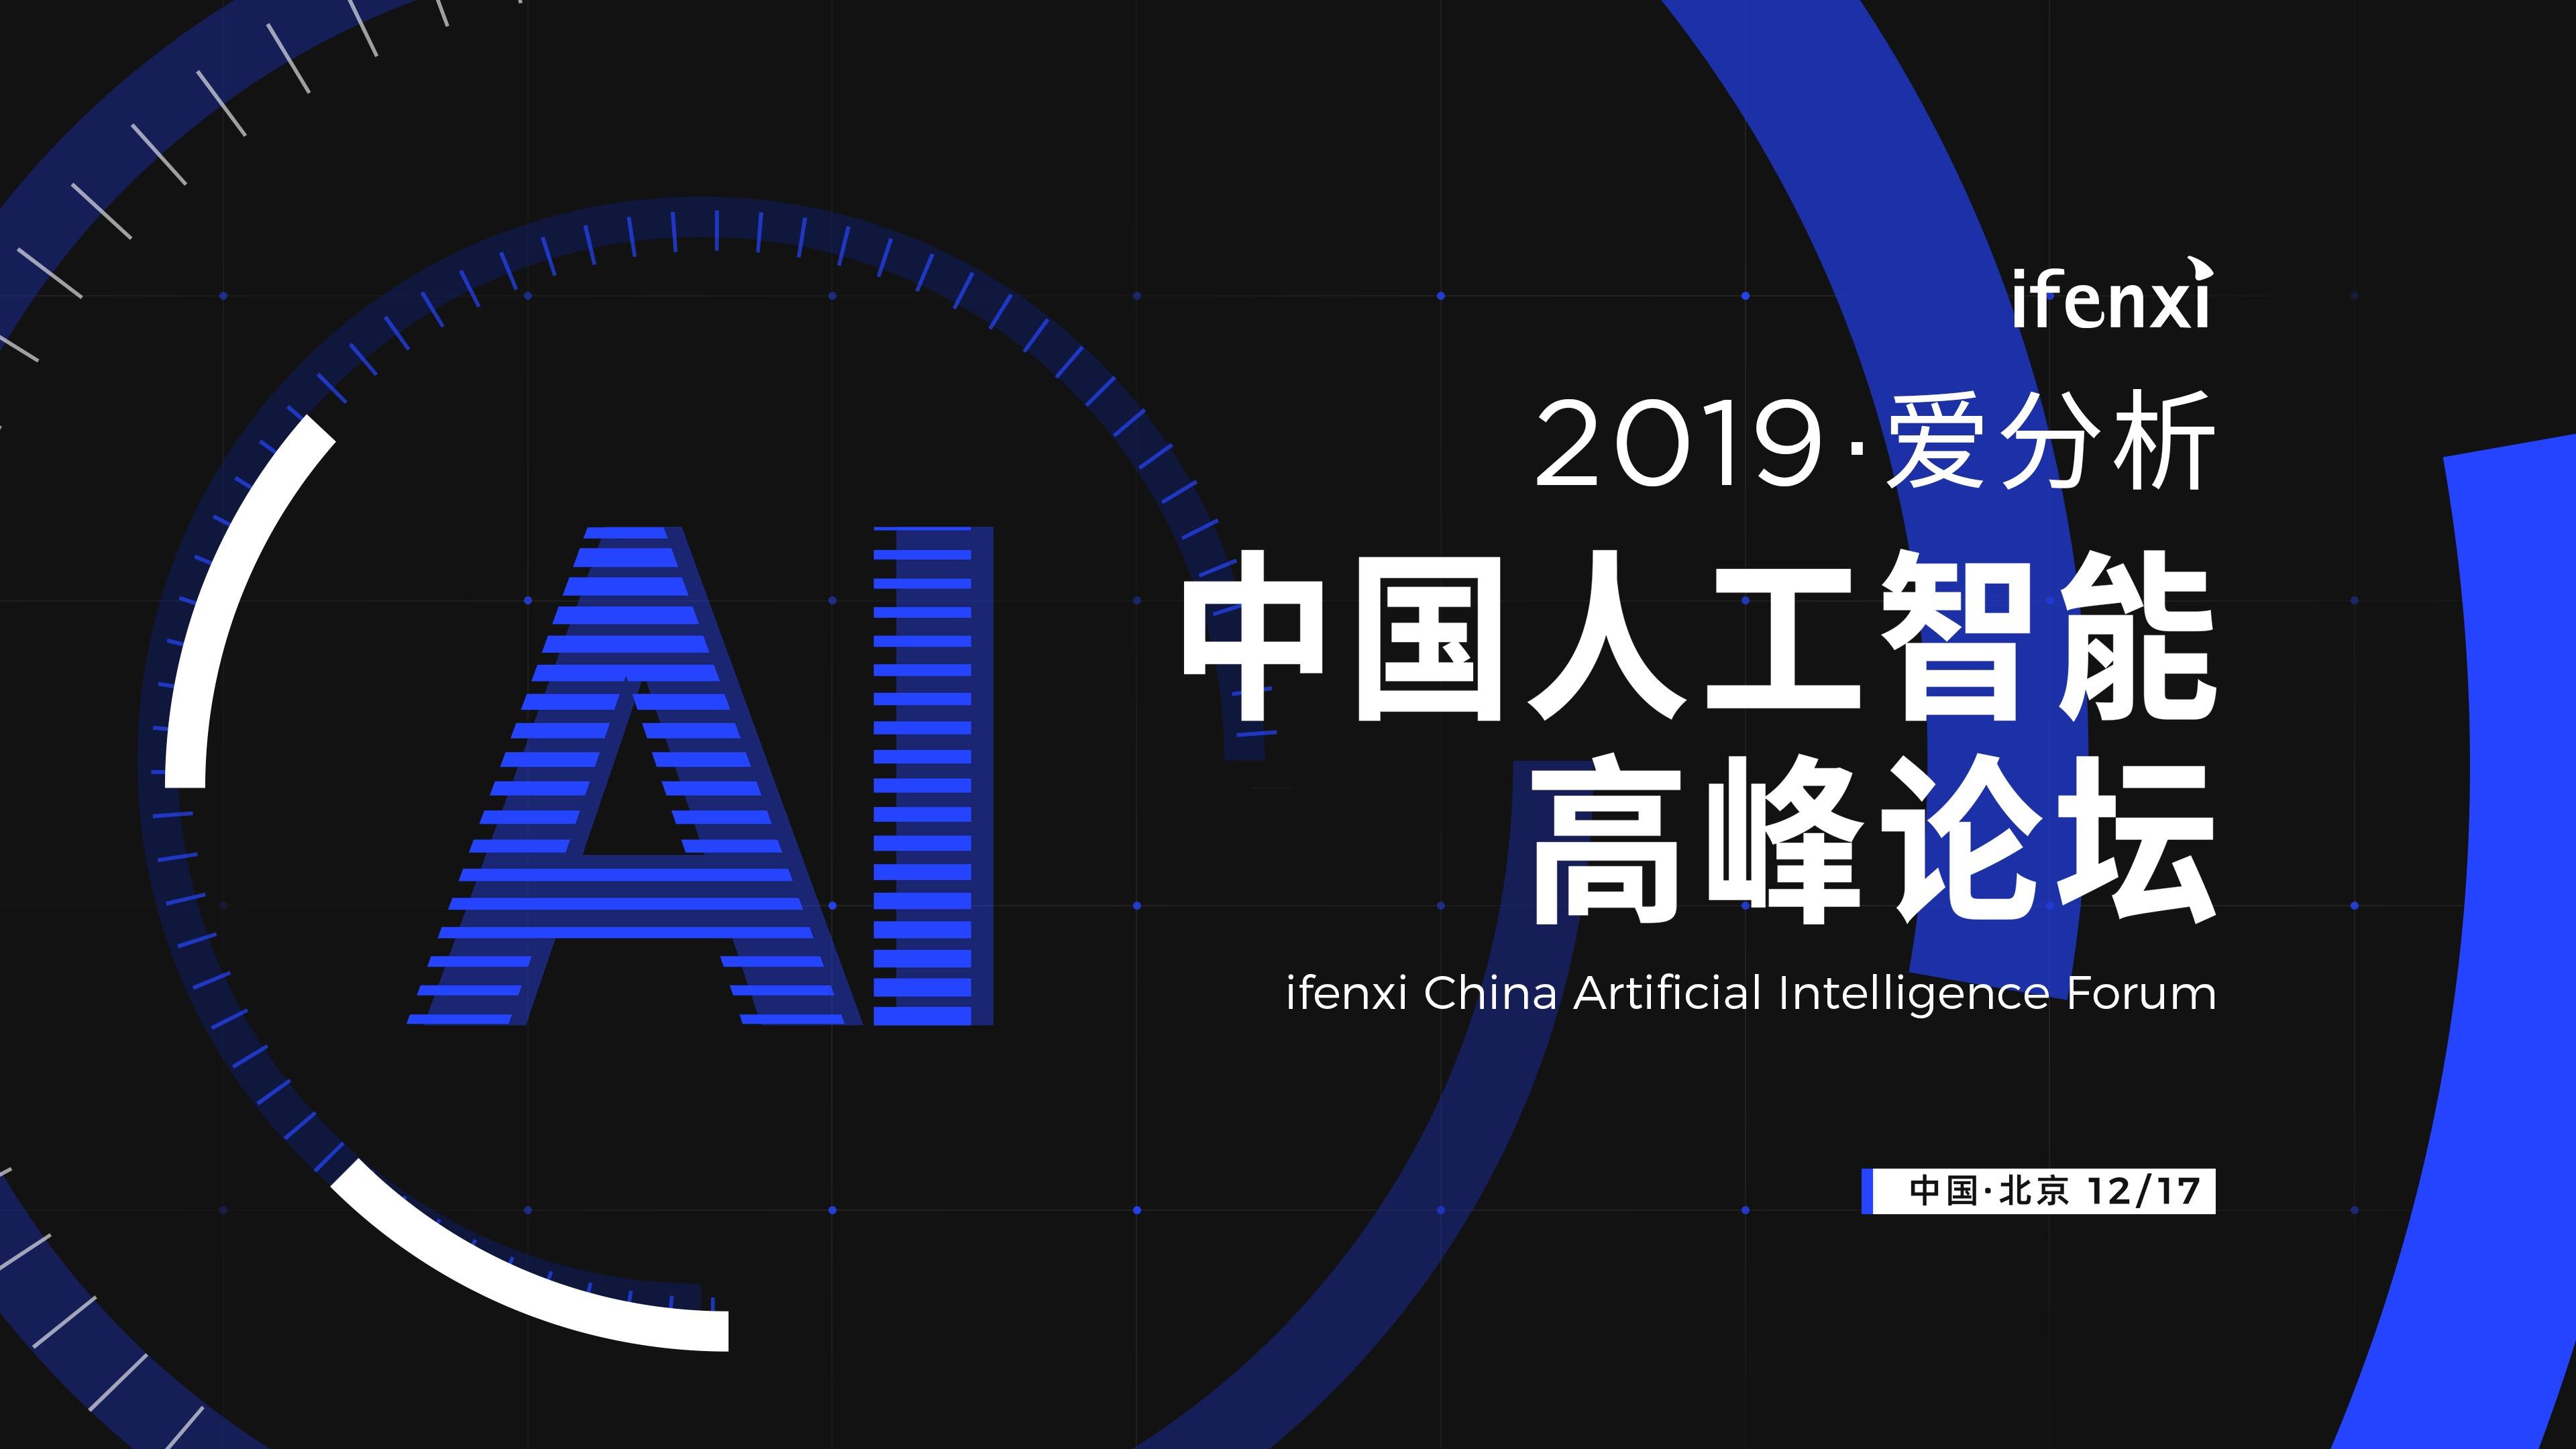 数字化元年到来,探寻人工智能最佳行业实践   爱分析活动